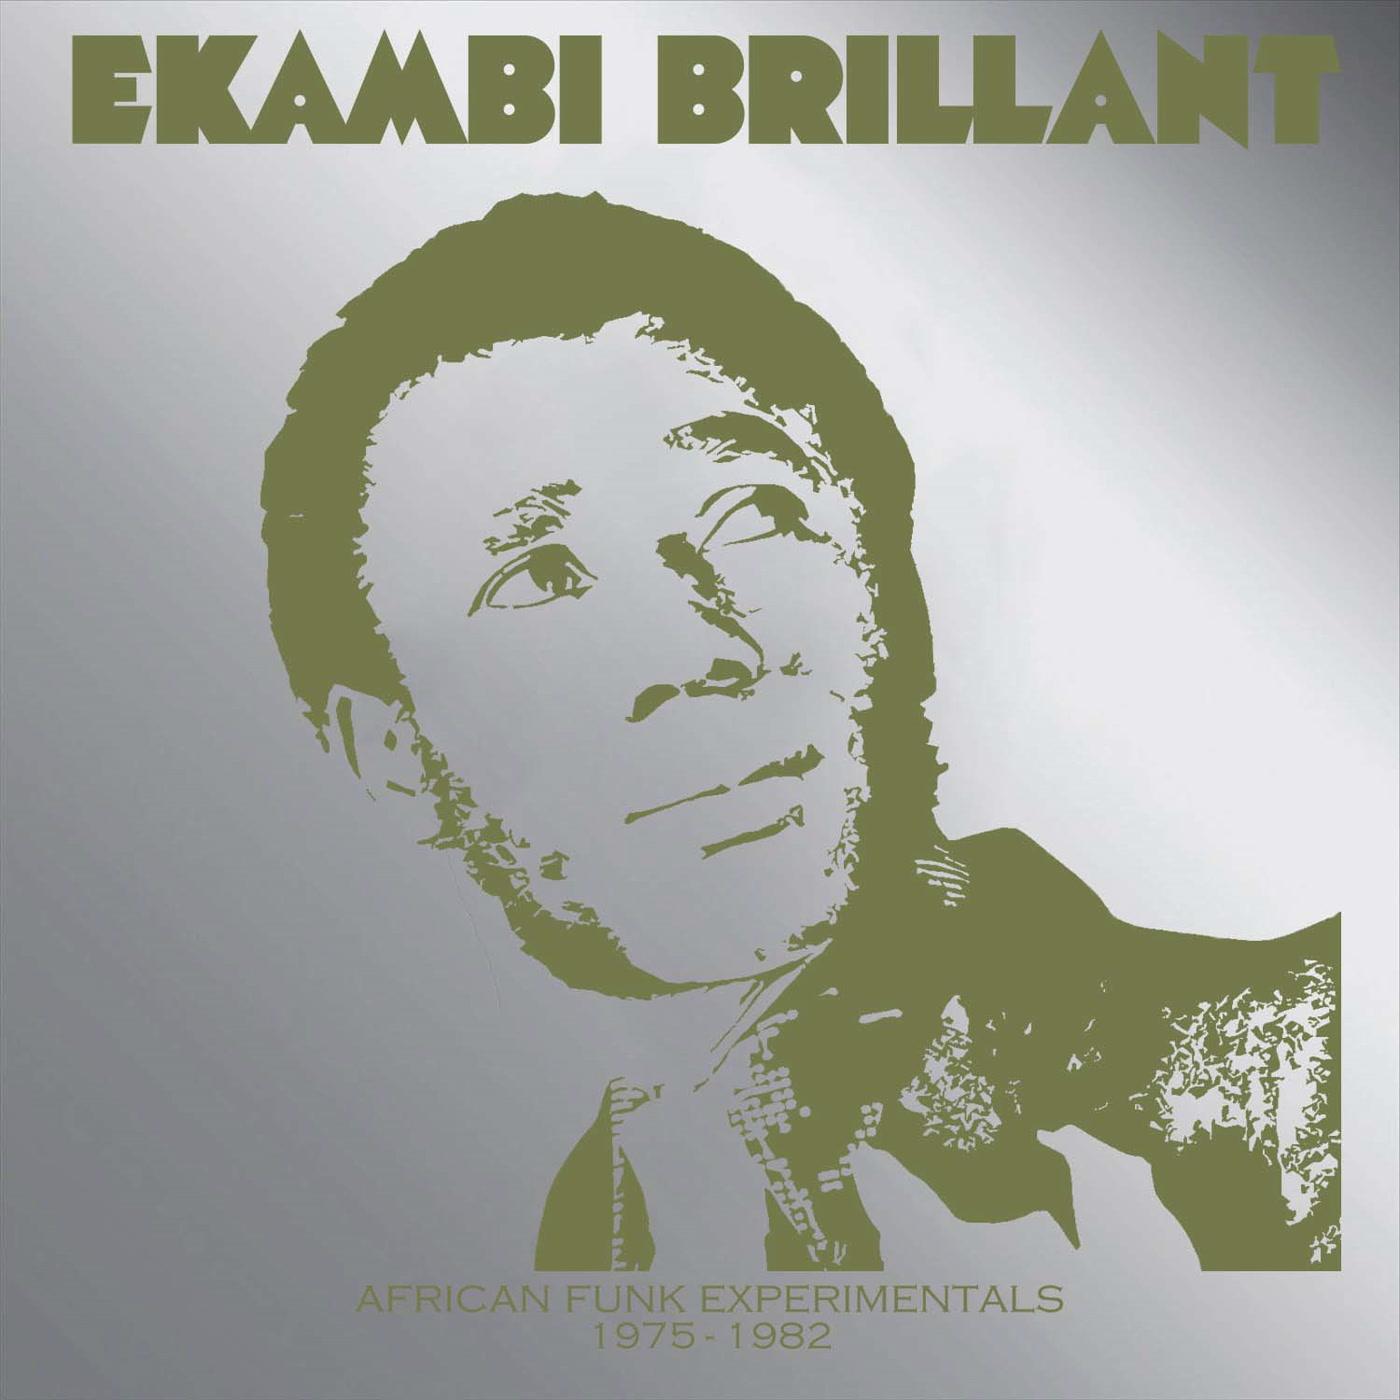 Ekambi brillant african funk experimentals 1975 1982